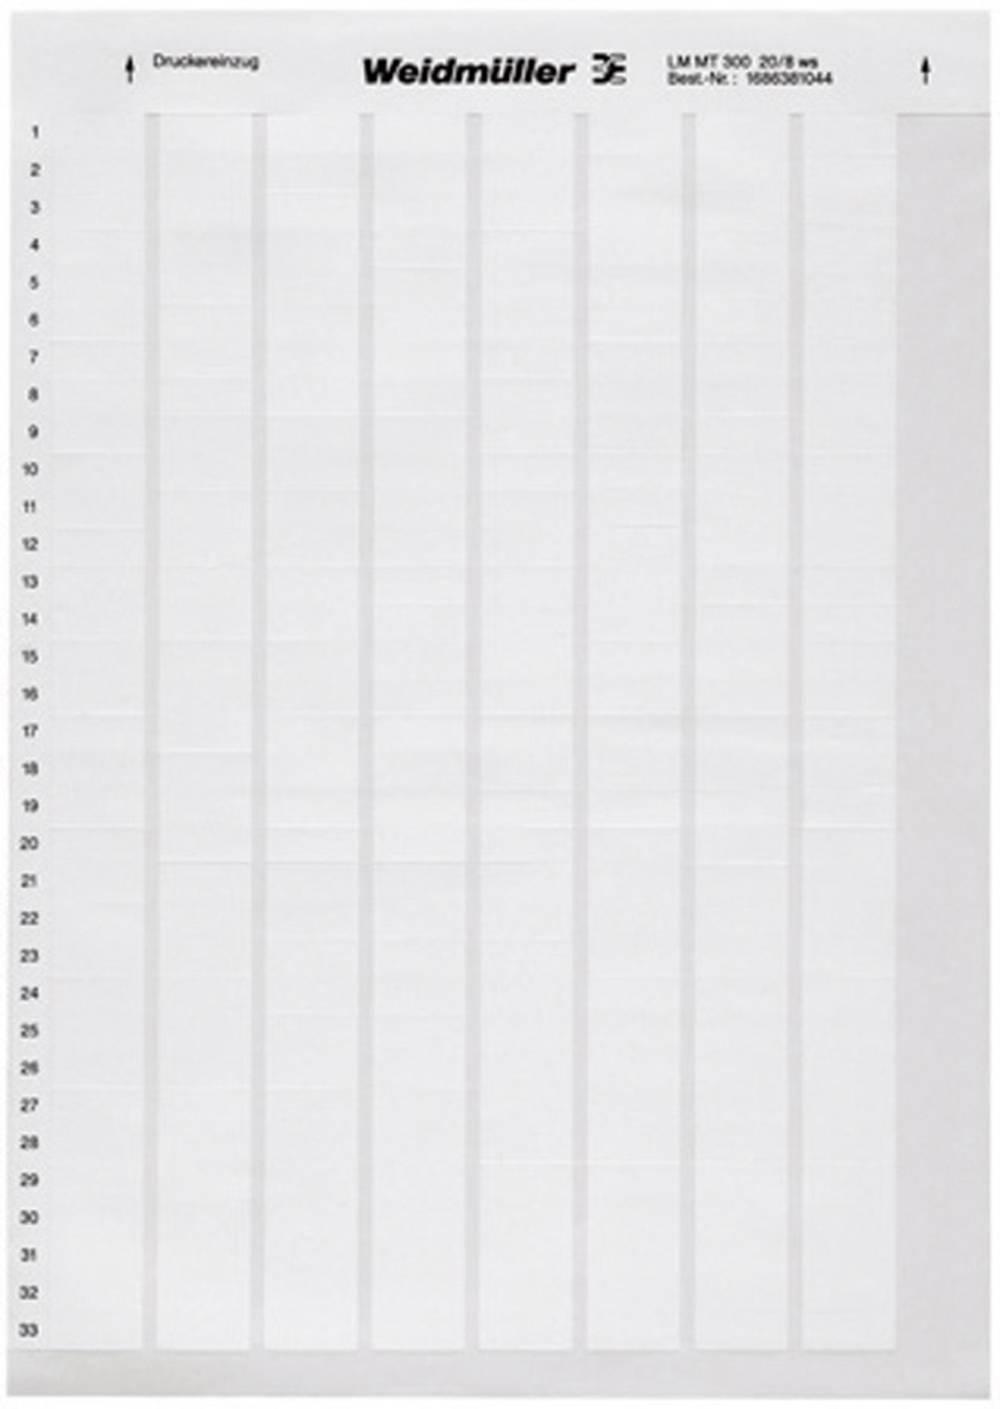 Etikete za označevanje kablov LaserMark 30 x 15 mm označevalno polje: bele barve Weidmüller 1759871044 LM WriteOn 15X70 WS Anzah